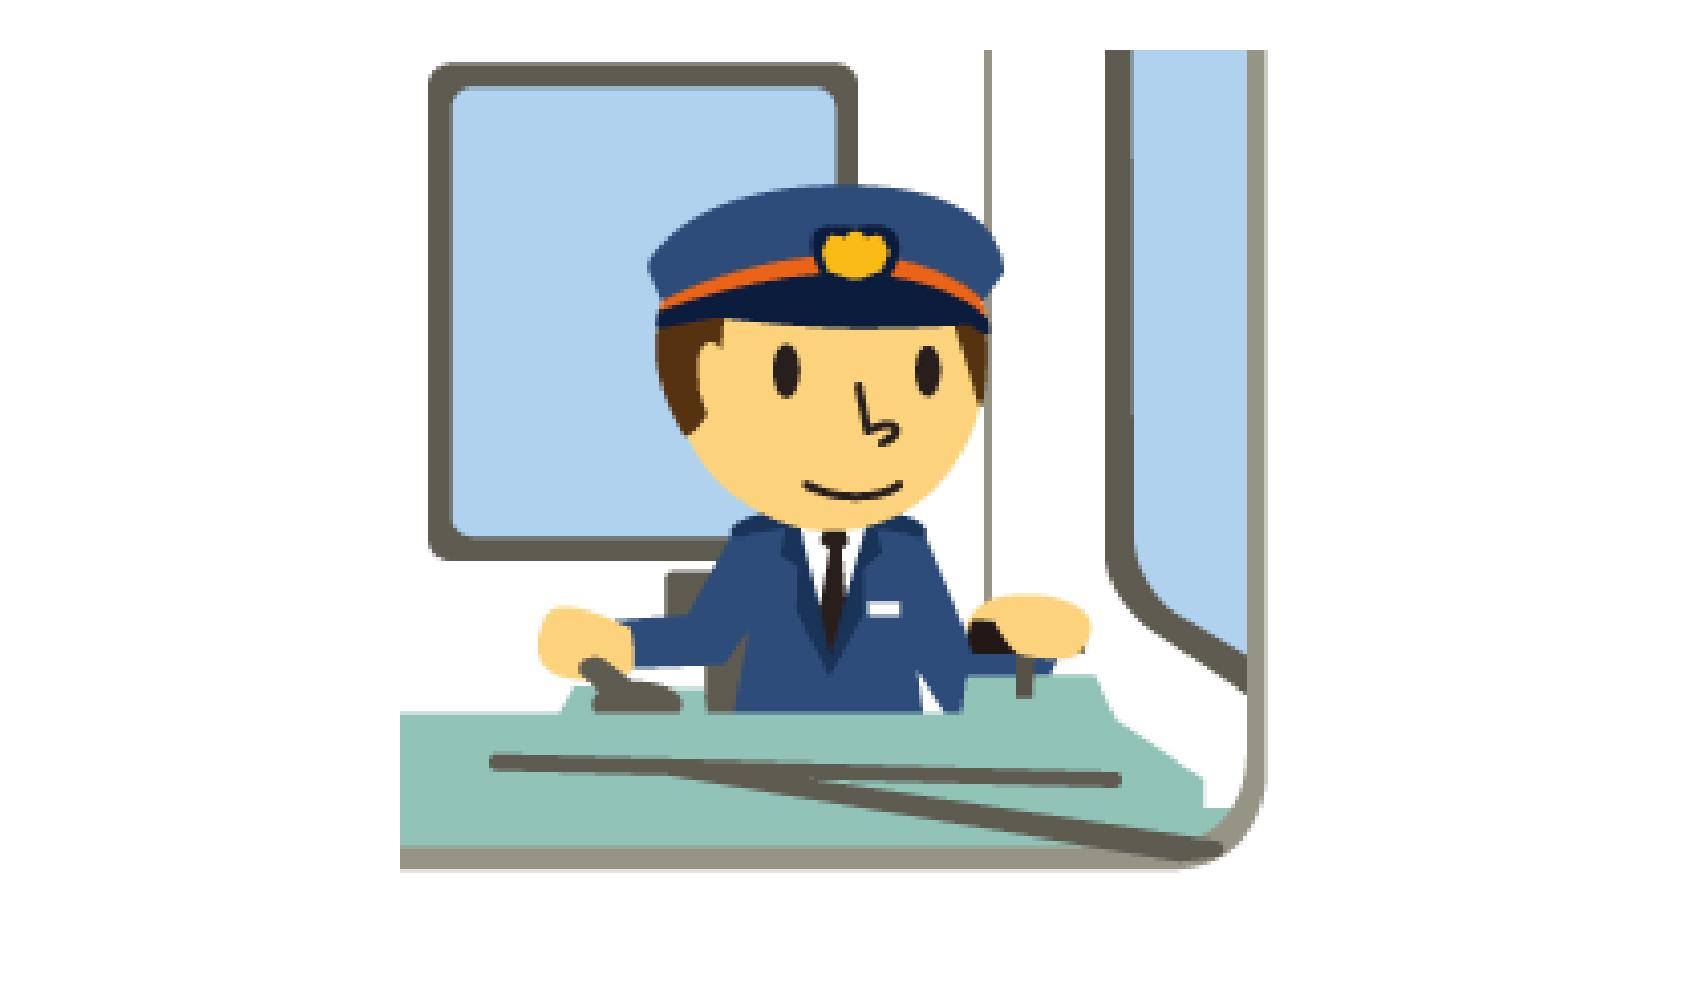 電車の運転士